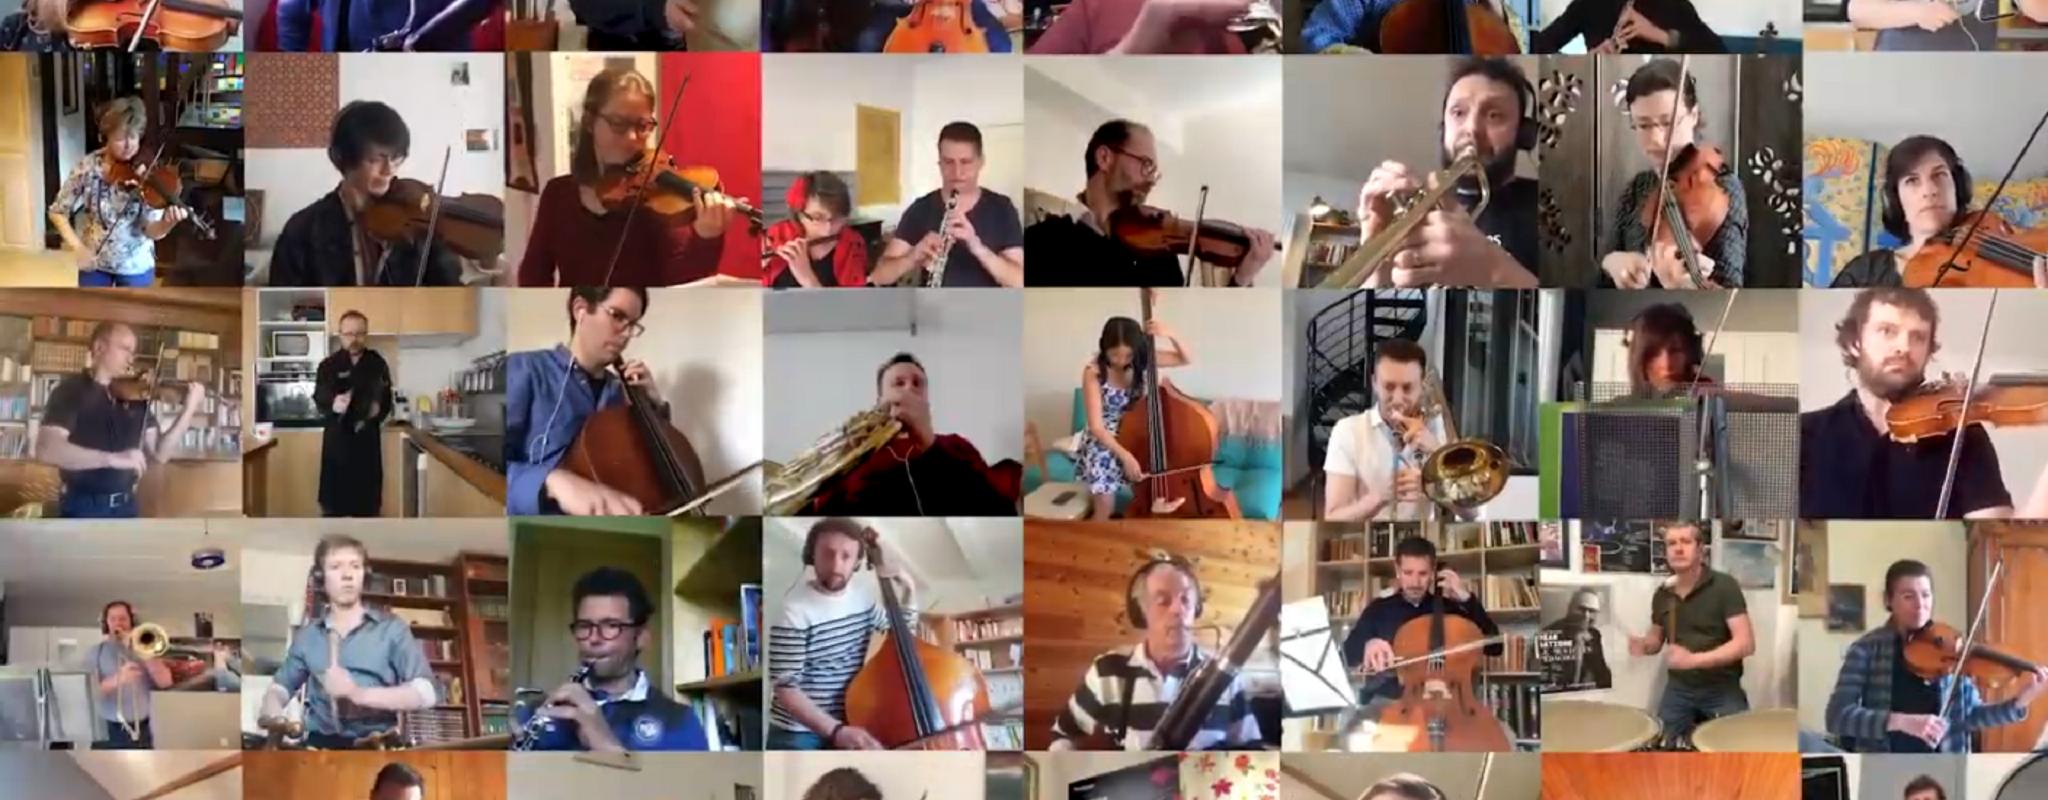 Se confiner en musique avec l'Orchestre philharmonique